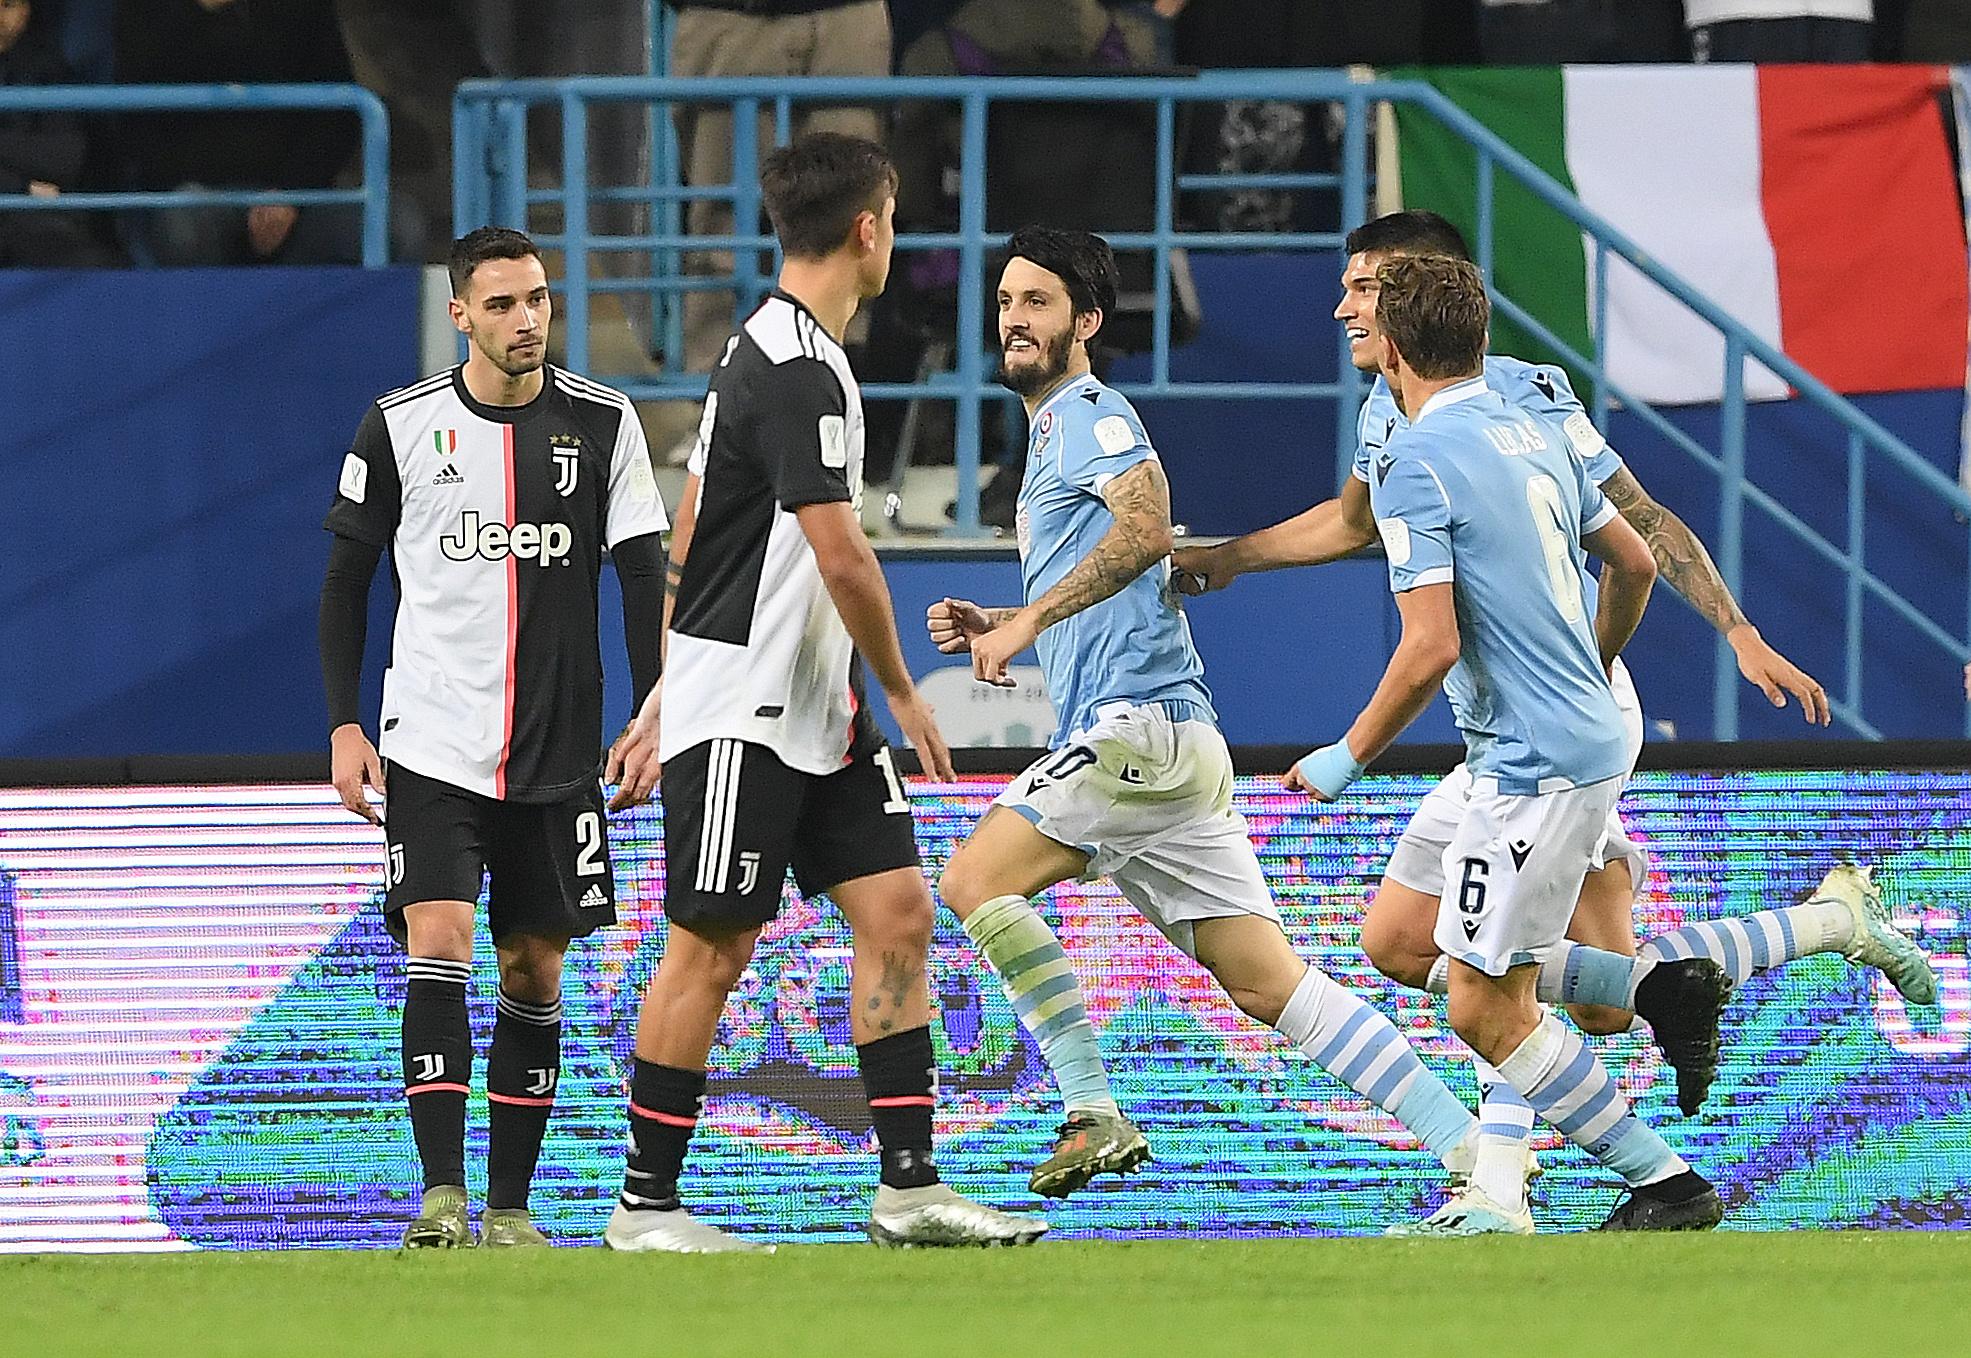 La Lazio s'adjuge la Supercoupe d'Italie aux dépens de la Juventus